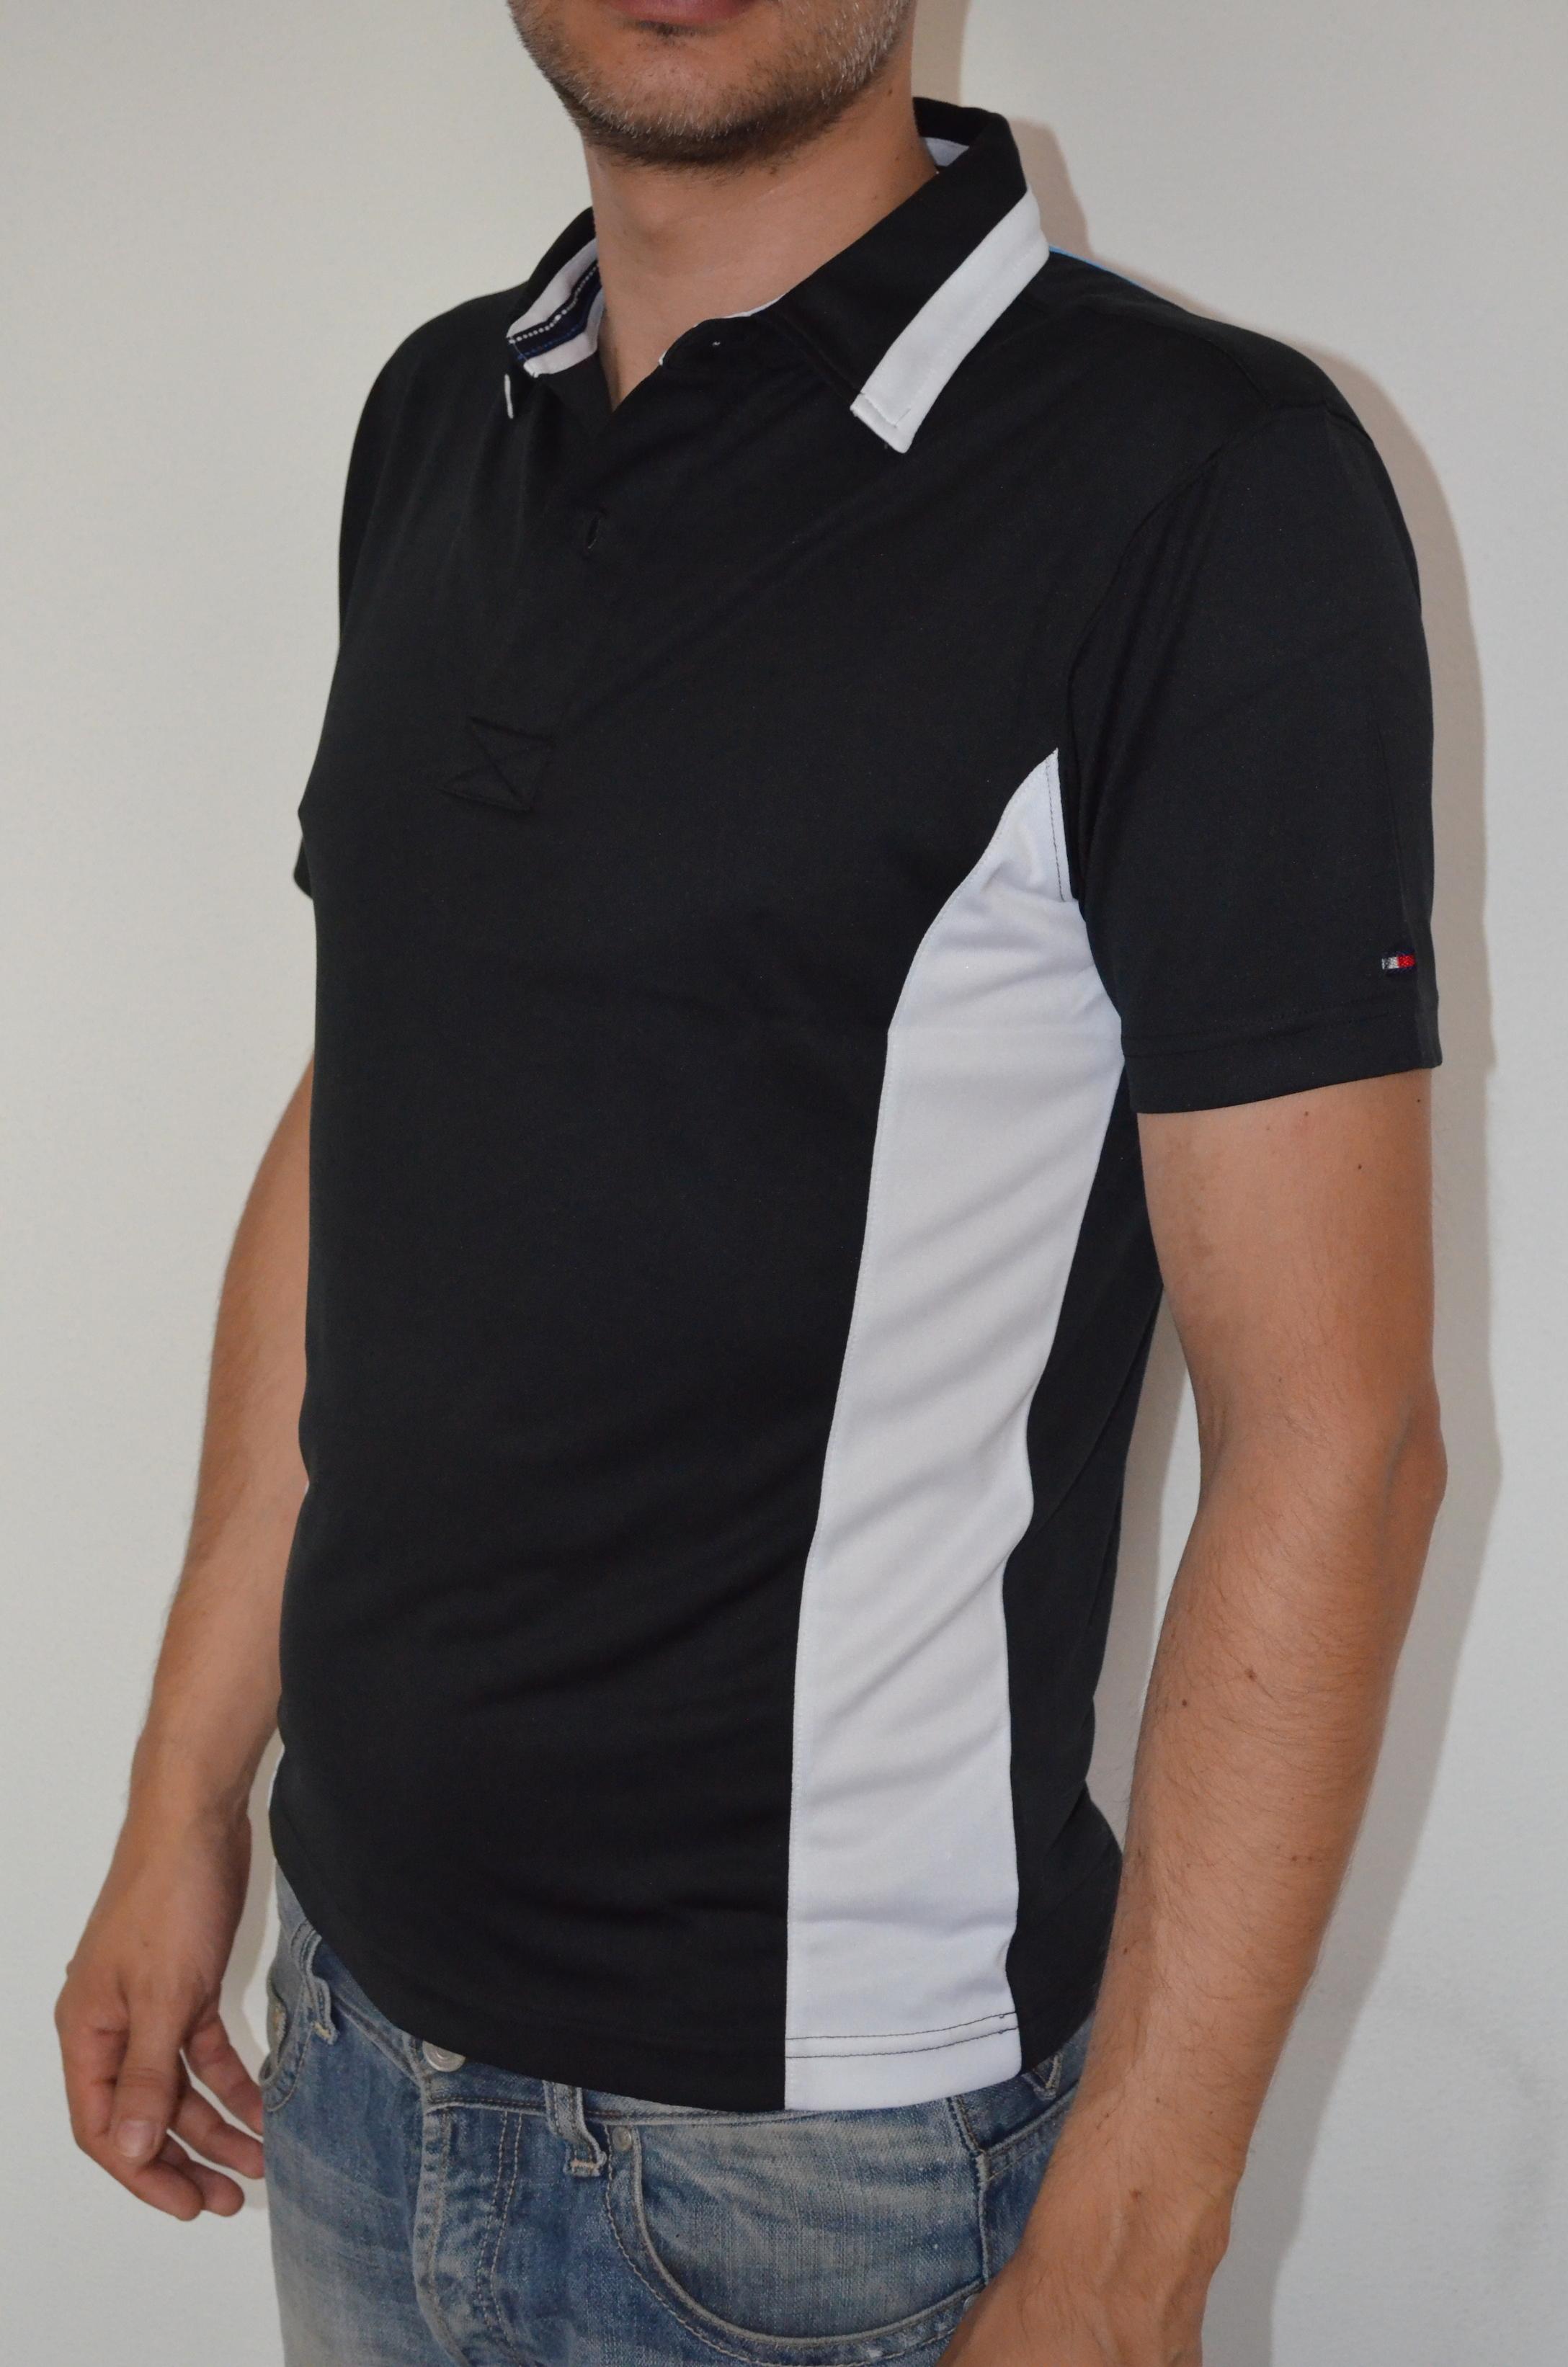 Tommy Hilfiger pánské golf polo triko černé velikost: XS